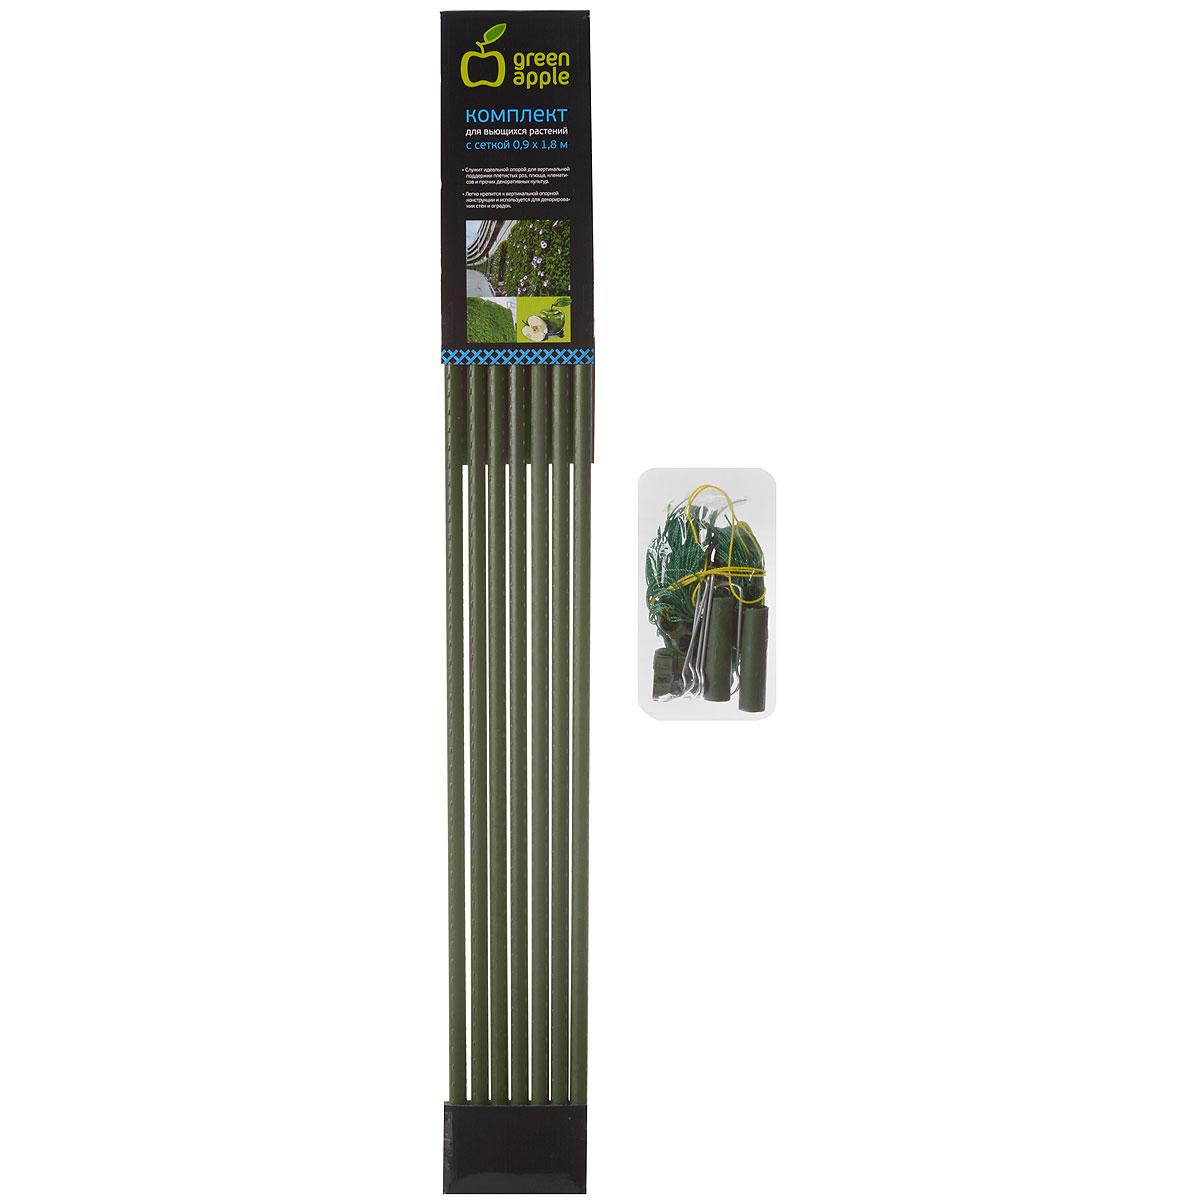 Комплект для вьющихся растений Green Apple GLSCL-2, сборный, с сеткой 0,9 х 1,8 мGLSCL-2Комплект для вьющихся растений служит идеальной опорой для вертикальной поддержки плетистых роз, плюща, клематисов и прочих декоративных культур. Легко крепится к вертикальной опорной конструкции и используется для декорирования стен и оградок.